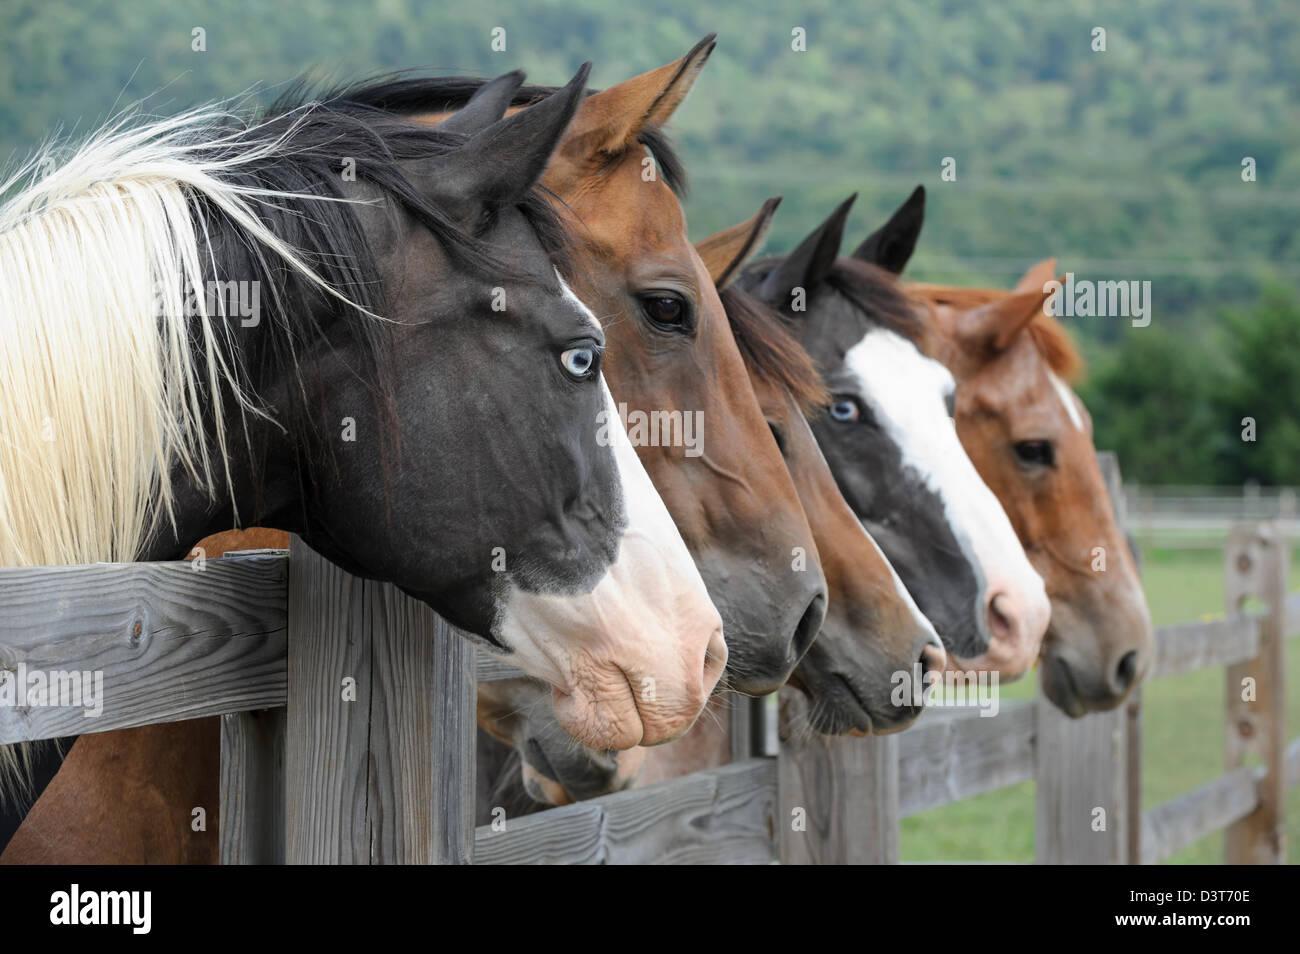 Cavalli schierate guardando oltre il recinto come un gruppo verso la telecamera verso destra, in una vista laterale, Immagini Stock